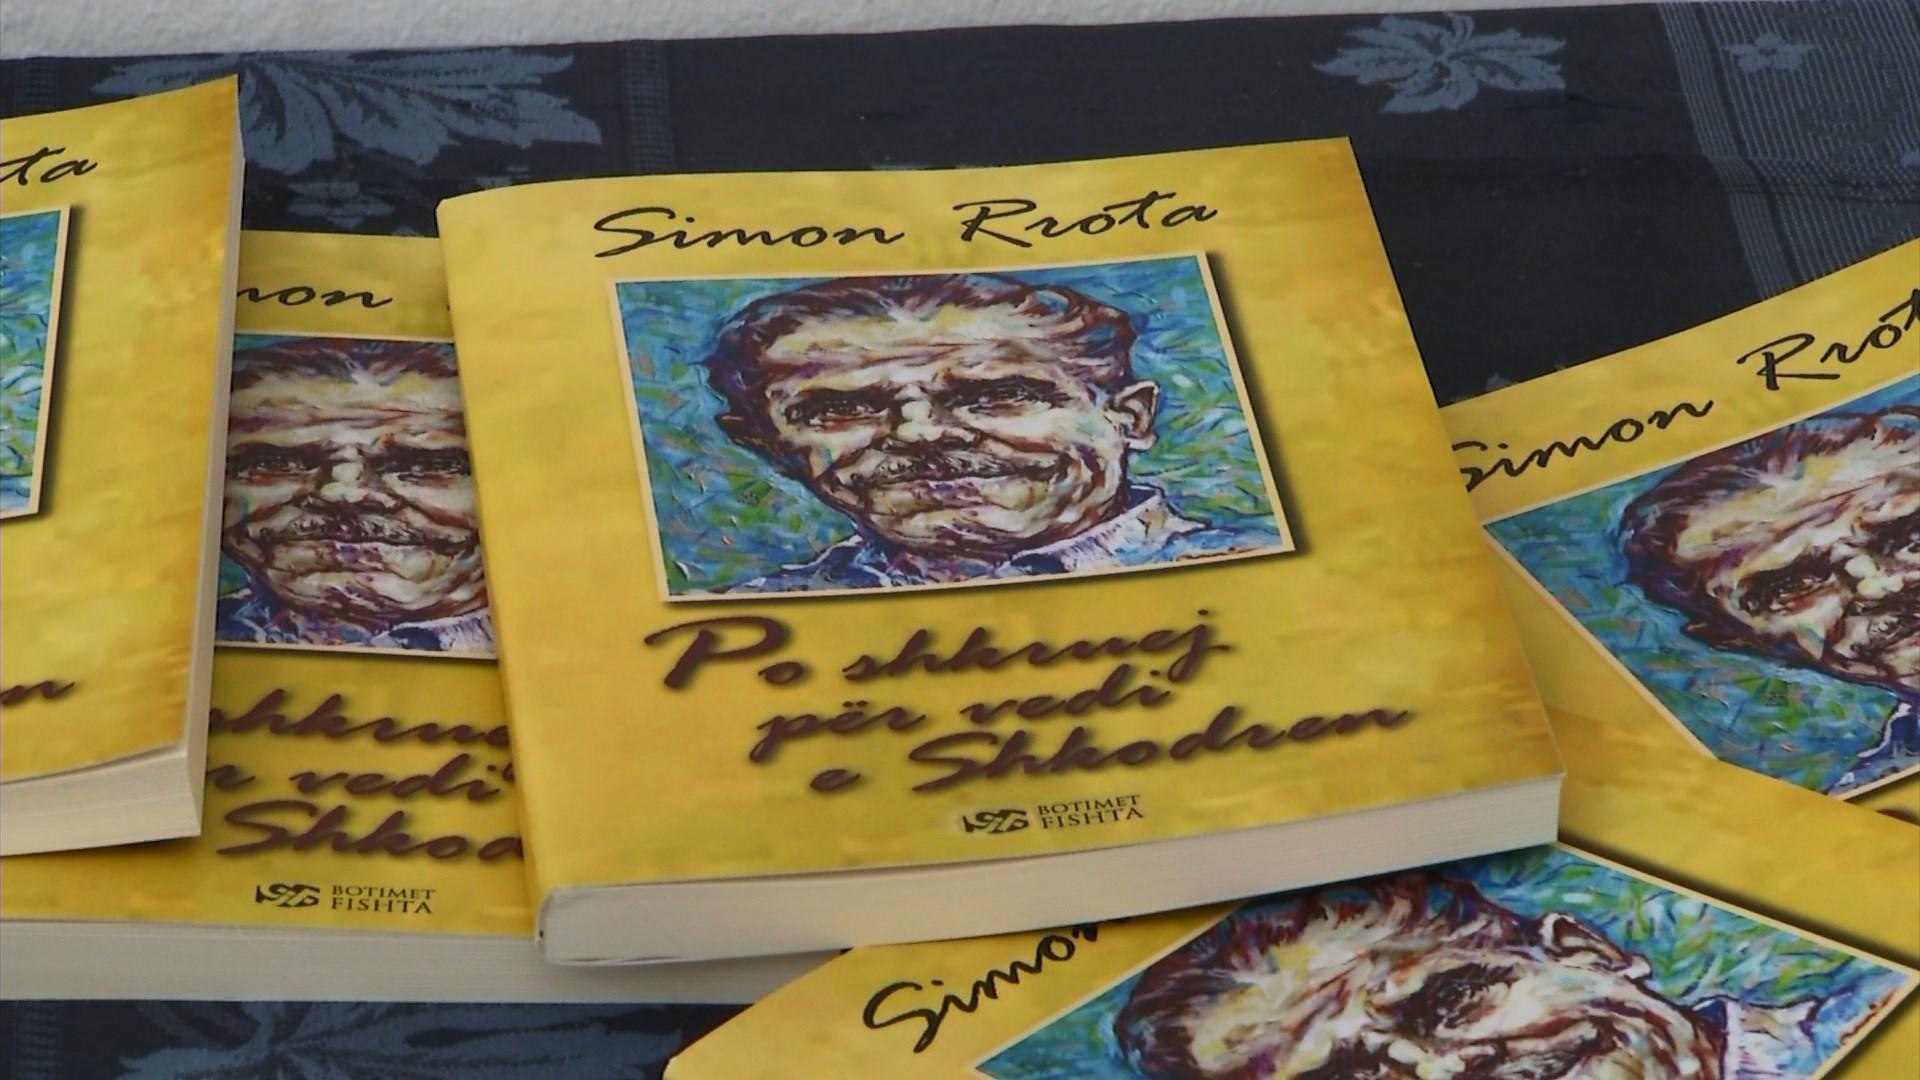 Qyteti i Shkodrës dhe jeta e Simon Rrotës përmblidhen në një libër